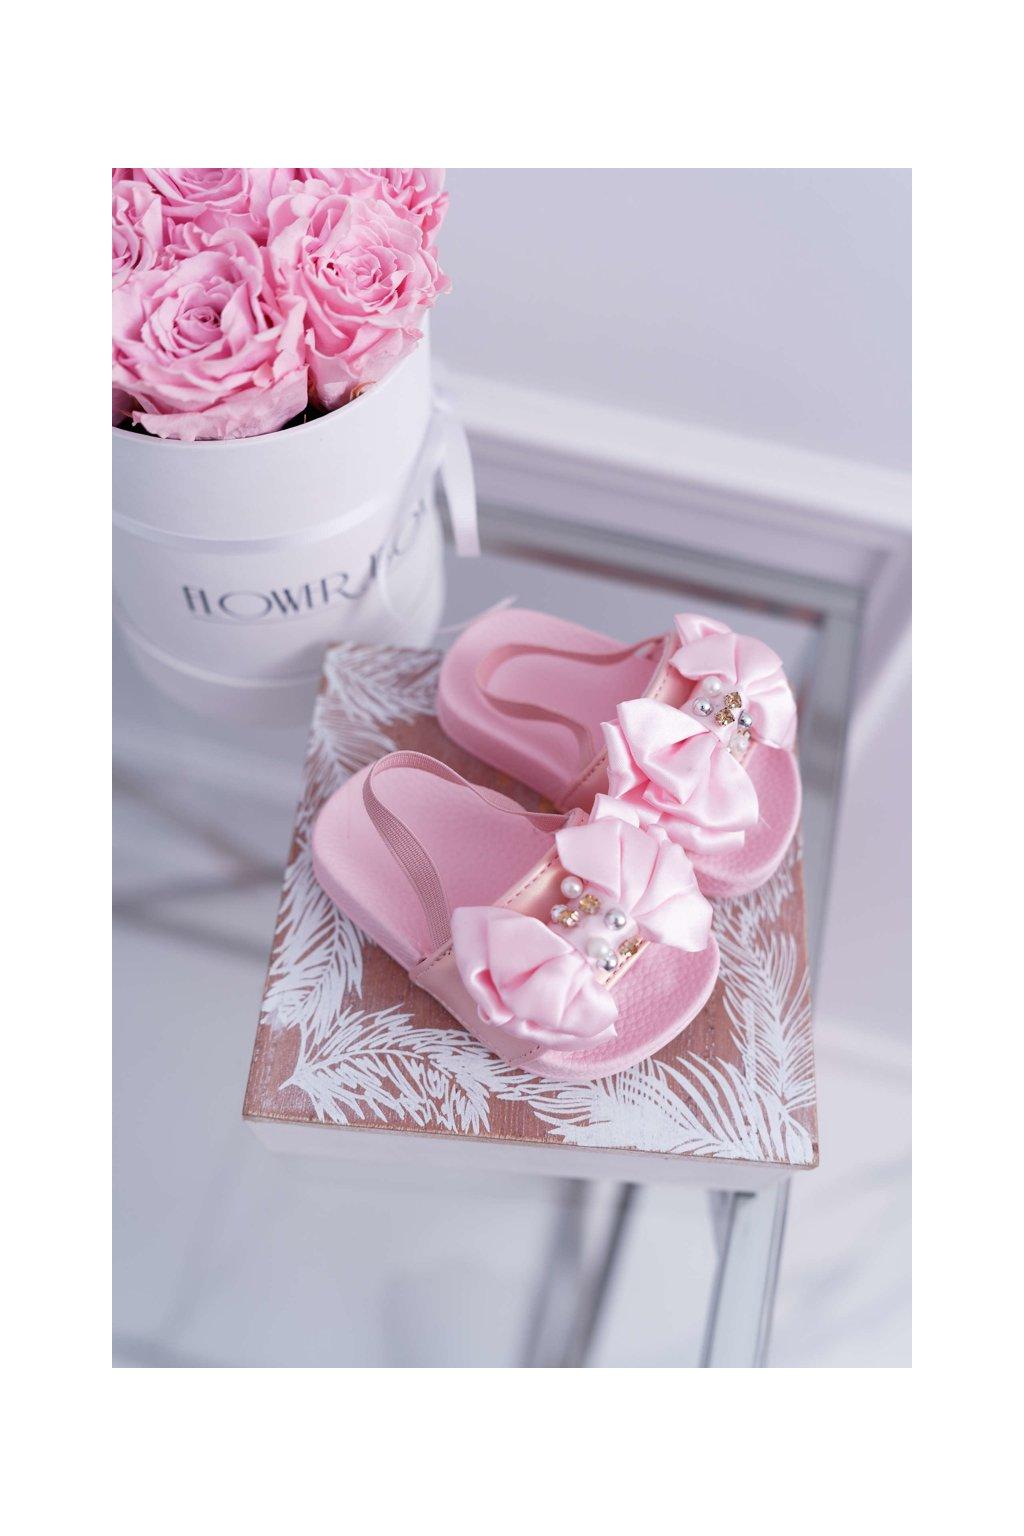 Detské Dievčenské šľapky s perlama ružové Senari NJSK 295-1b